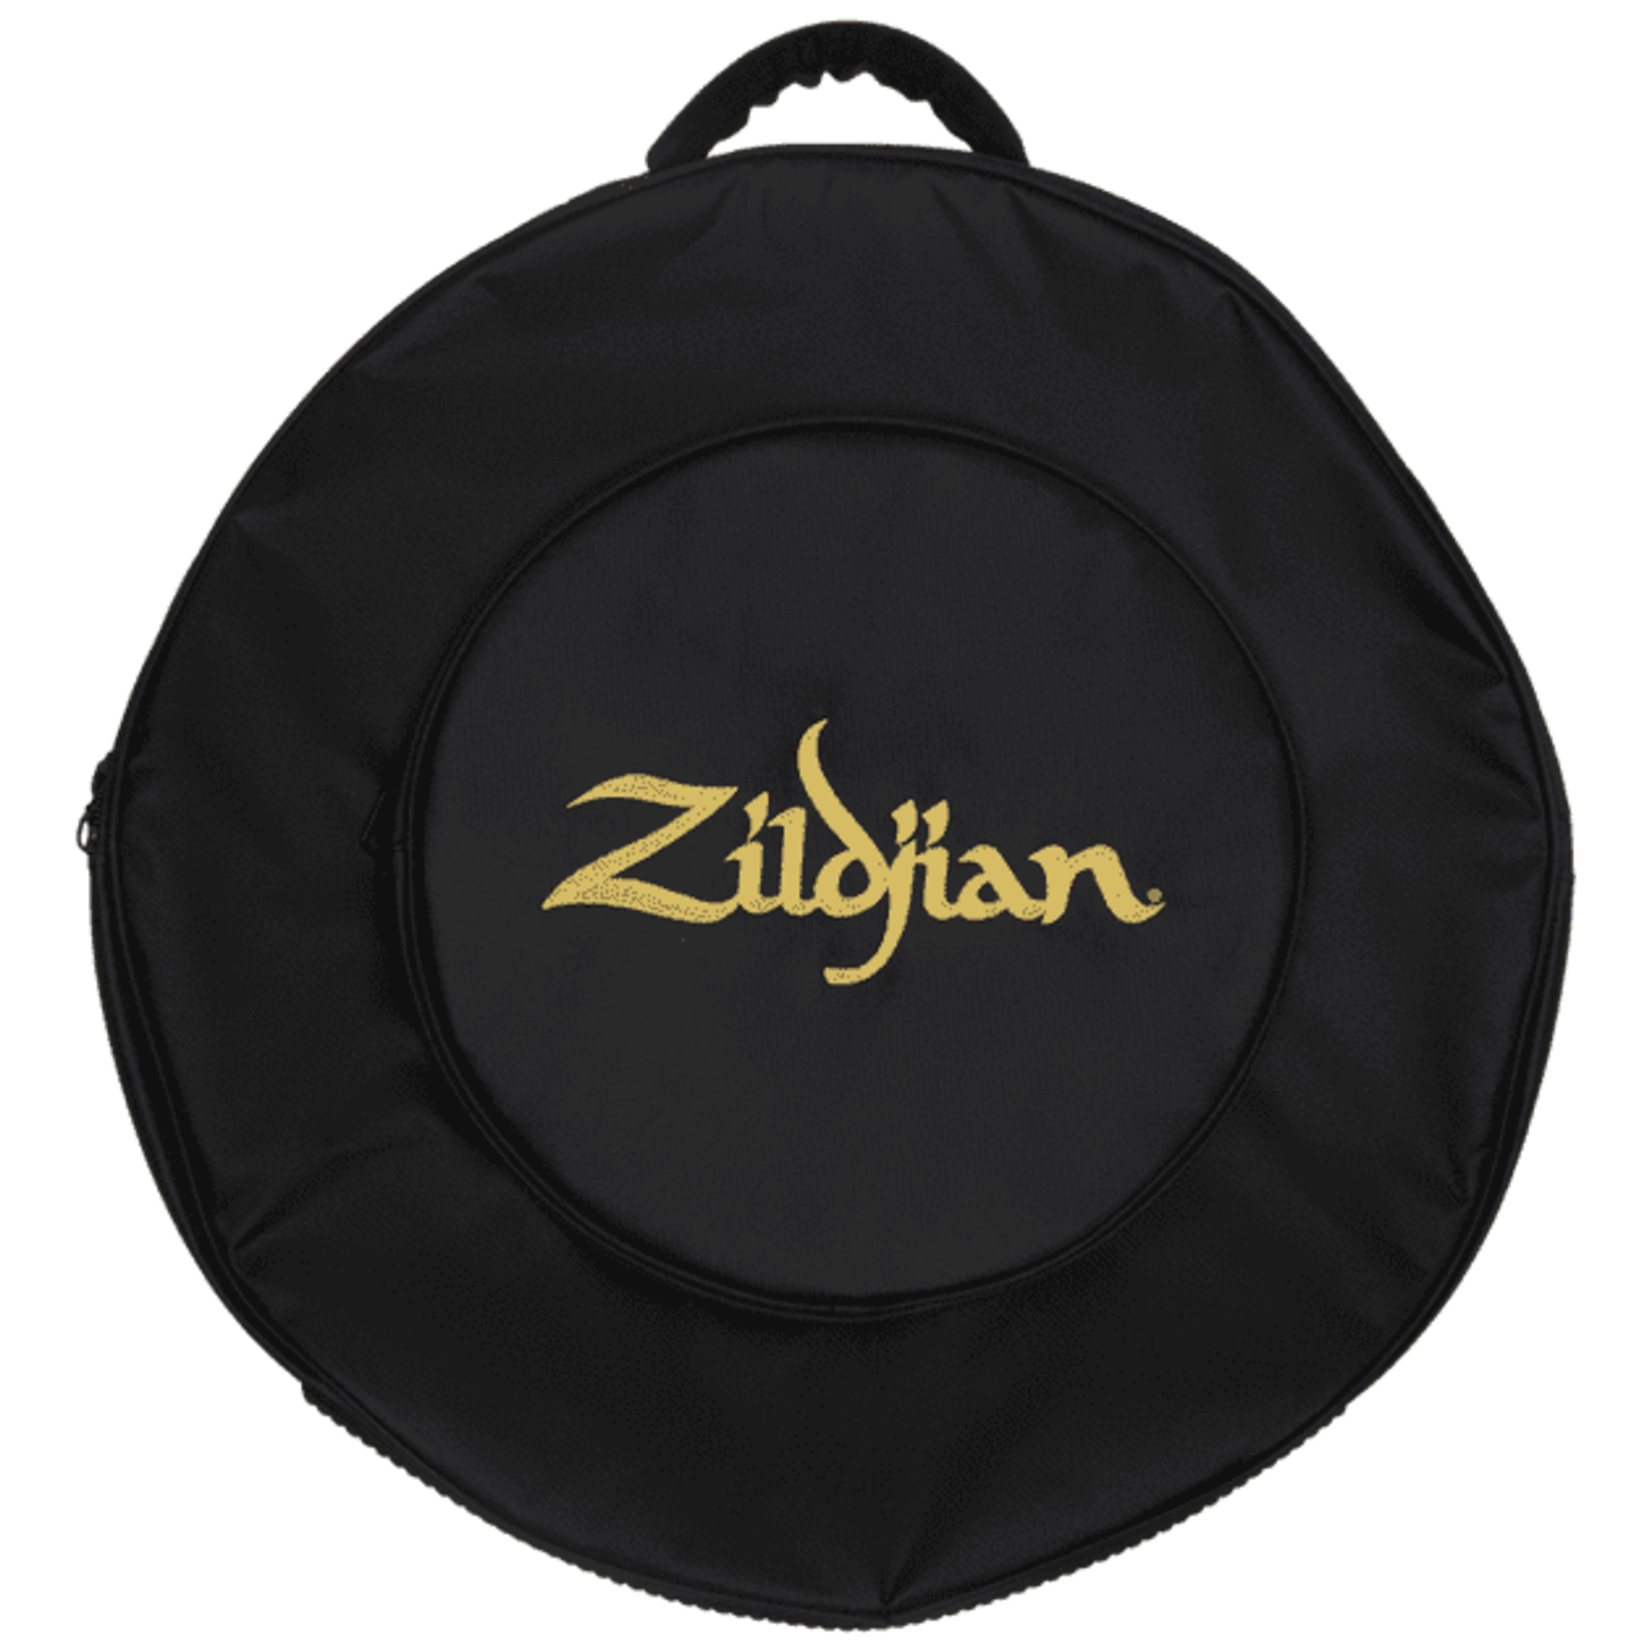 Zildjian Zildjian 22'' Deluxe Backpack Cymbal Bag